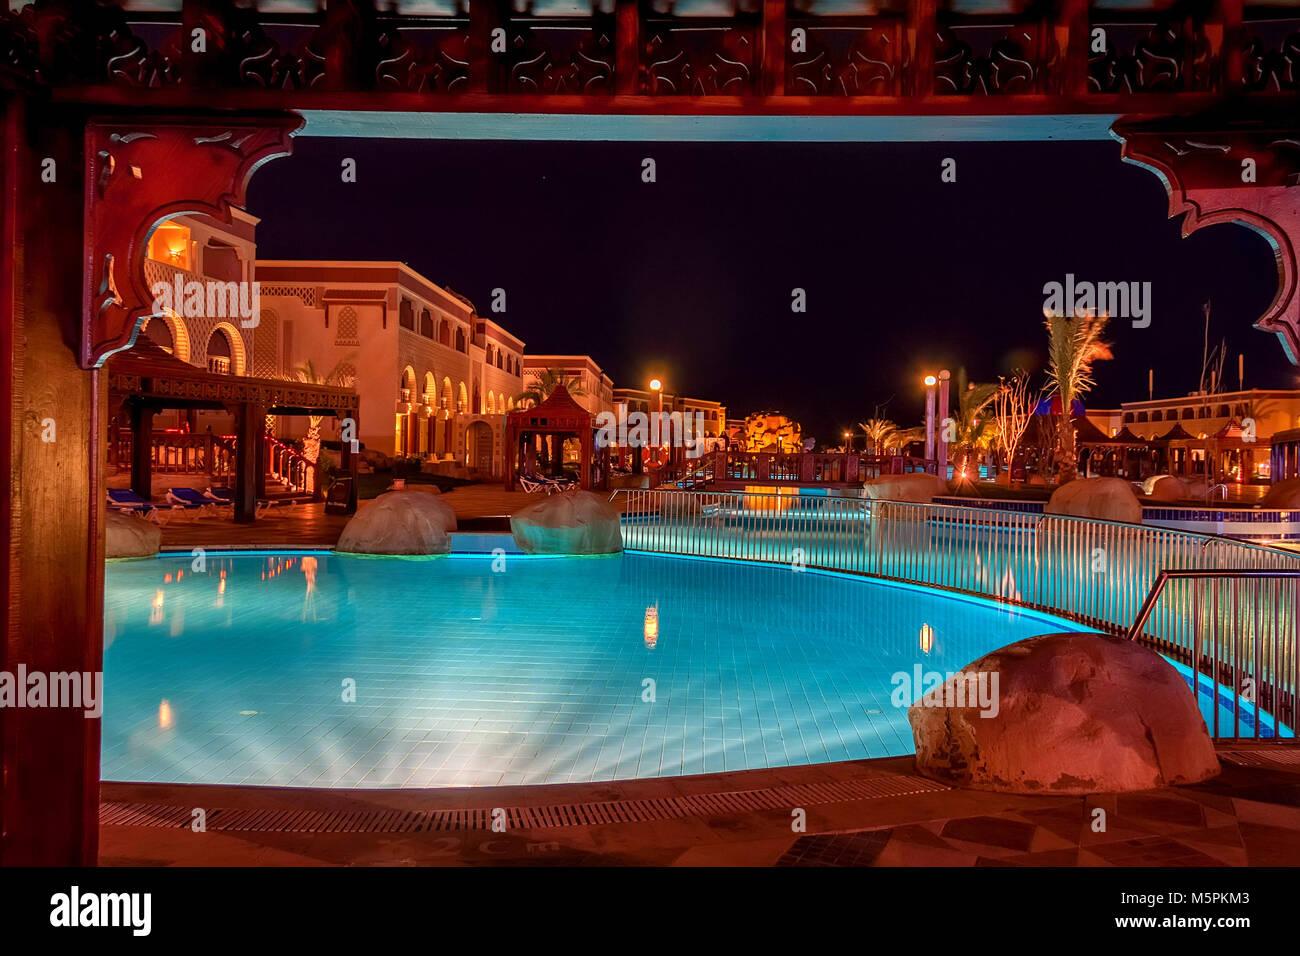 HURGHADA, Egitto- Febbraio 22, 2010: vista notturna della piscina nel resort di lusso in Egitto Immagini Stock